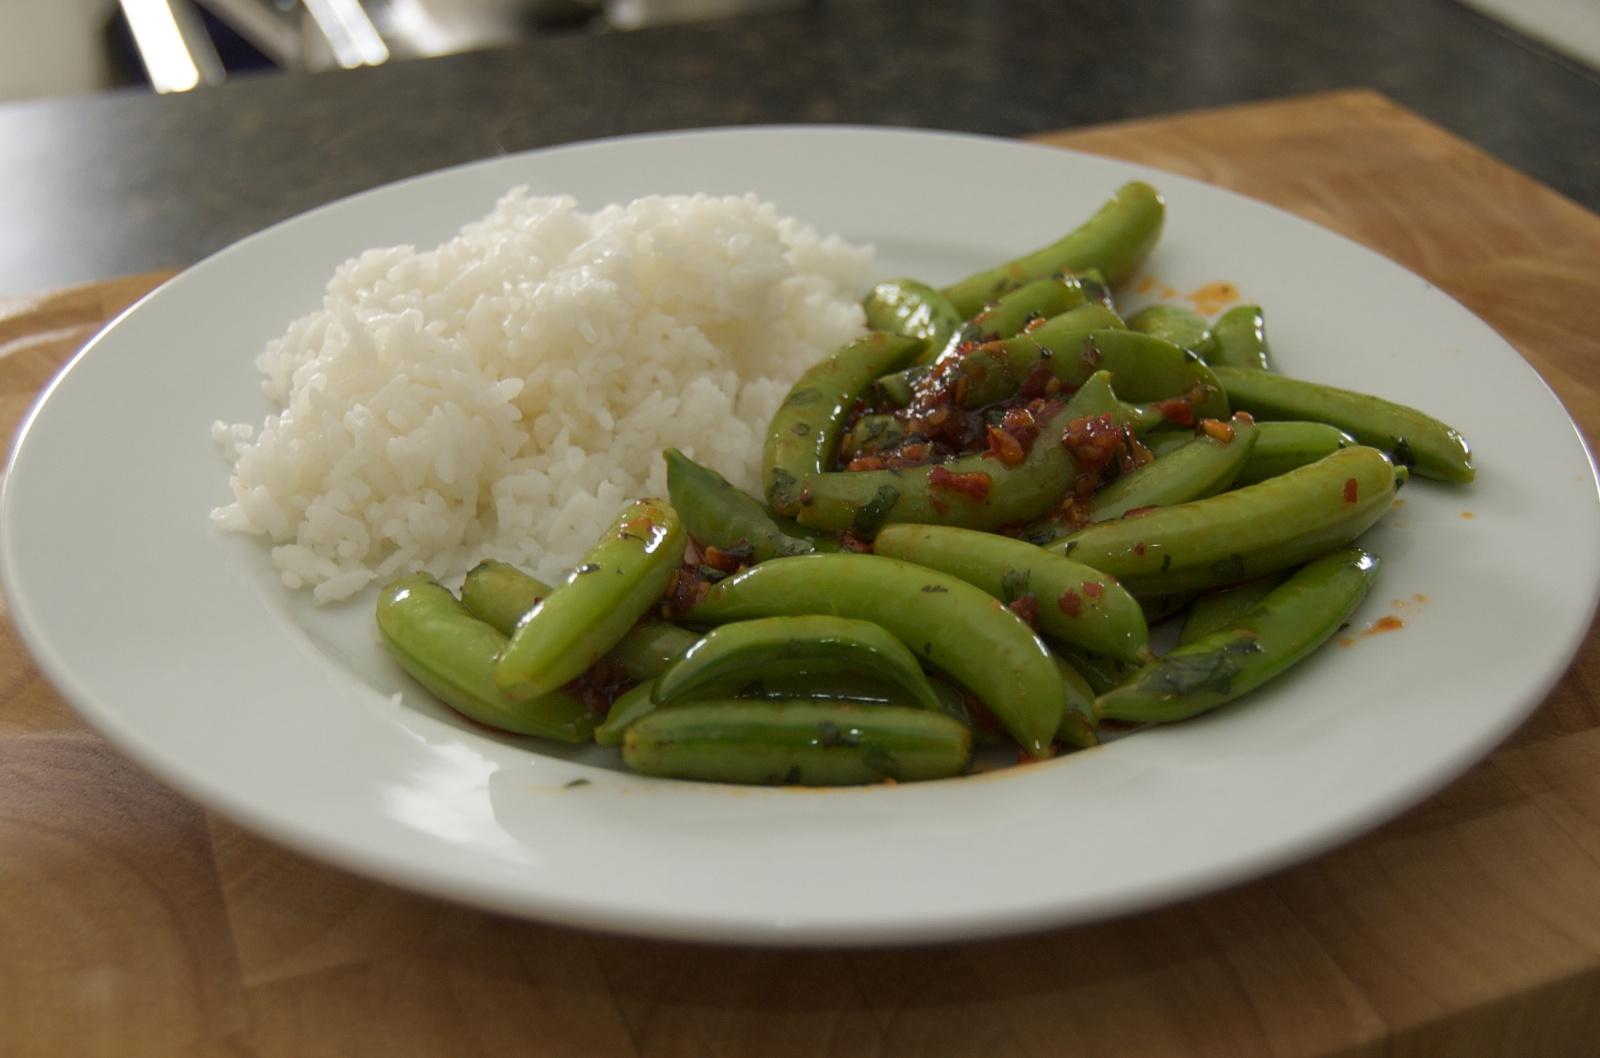 http://blog.rickk.com/food/2010/07/09/snappeas.jpg